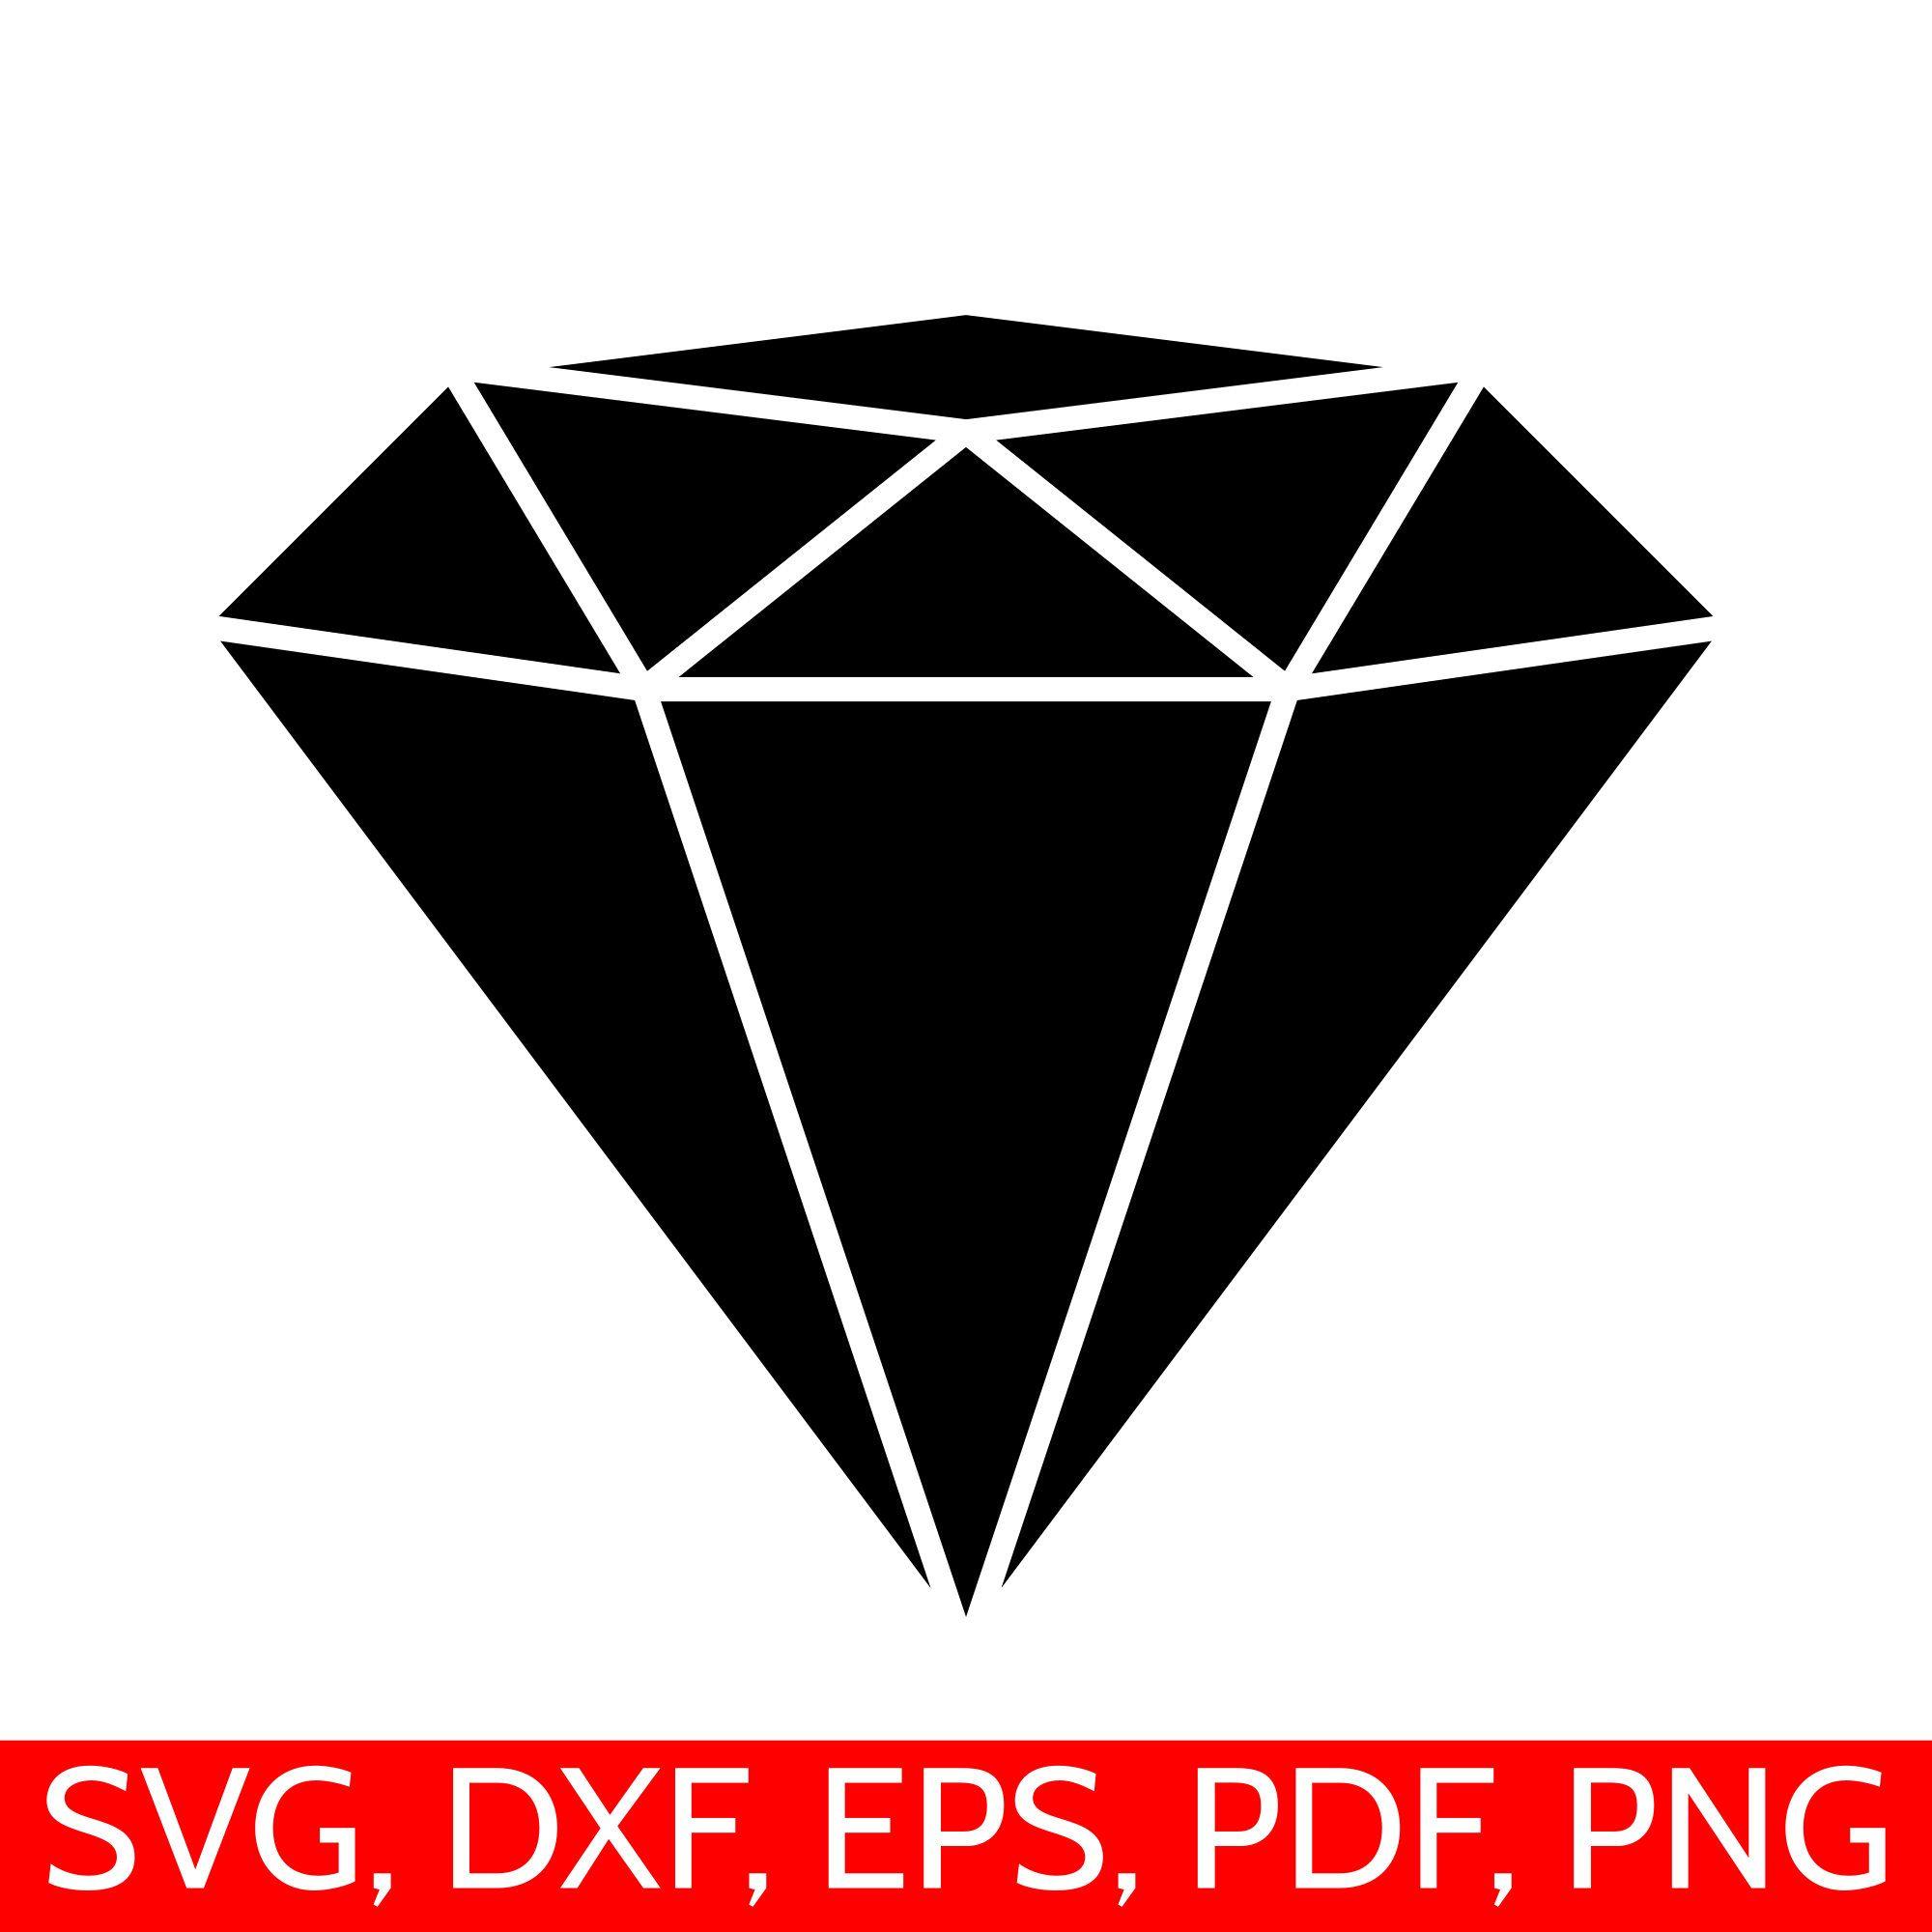 Clipart diamond printable. Svg file diamong cut